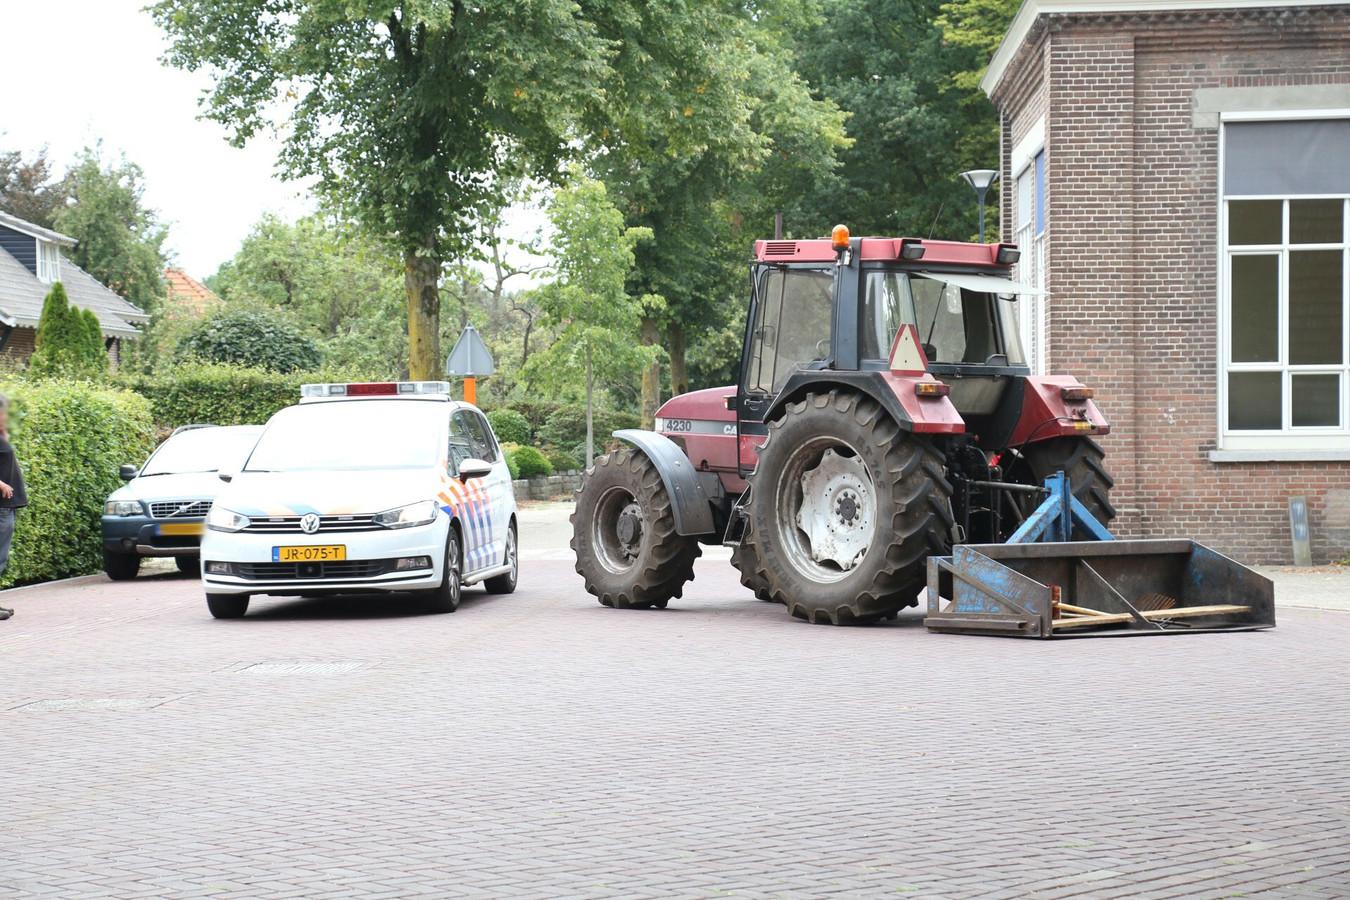 Het kind werd geraakt door een tractor toen het de weg op stapte.